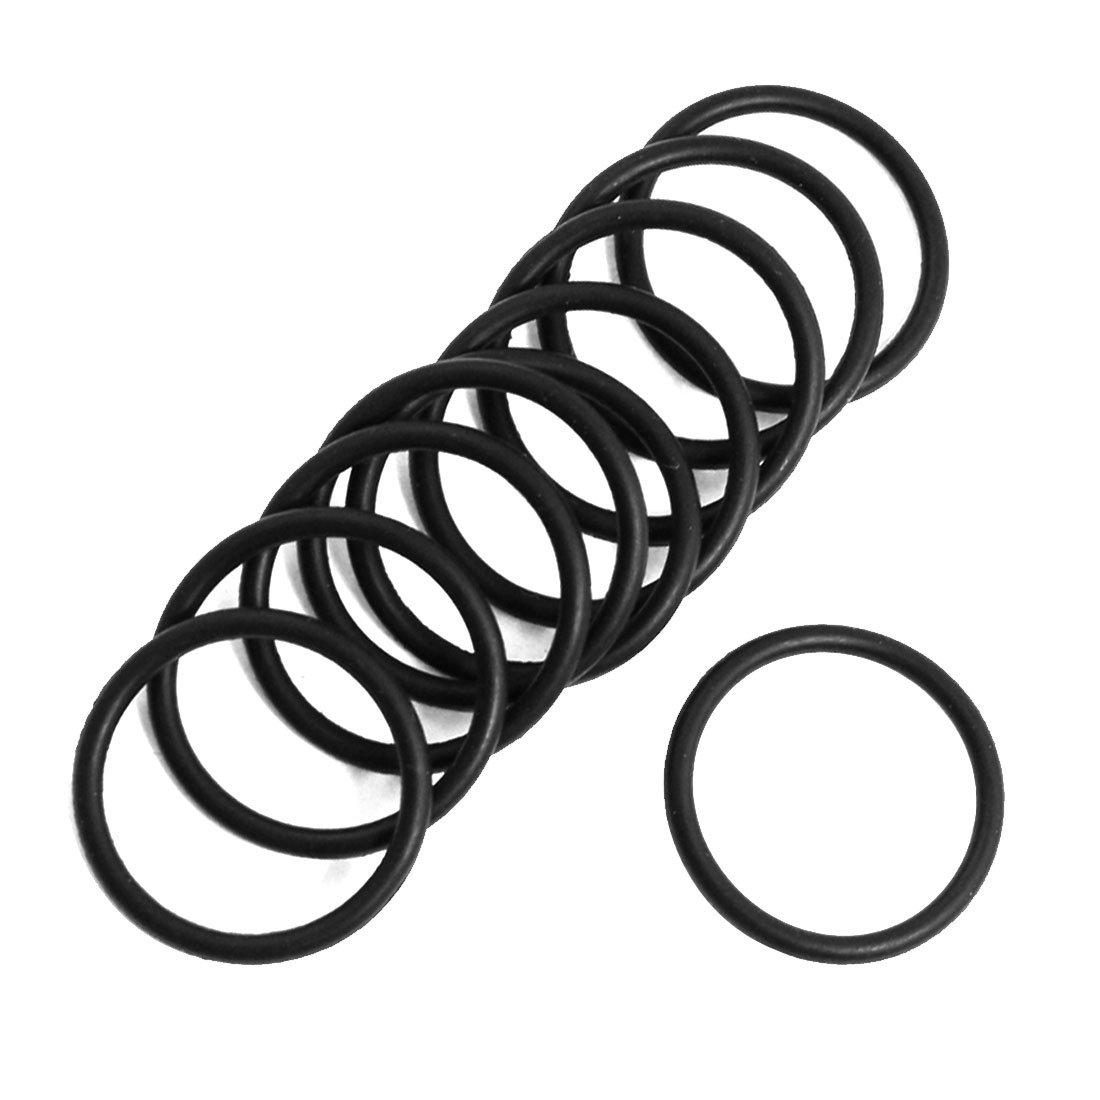 Esterno 23 mm Dia. 2 mm di spessore olio guarnizione O Rings Guarnizioni nero 10pcs Sourcingmap a13030700ux0522